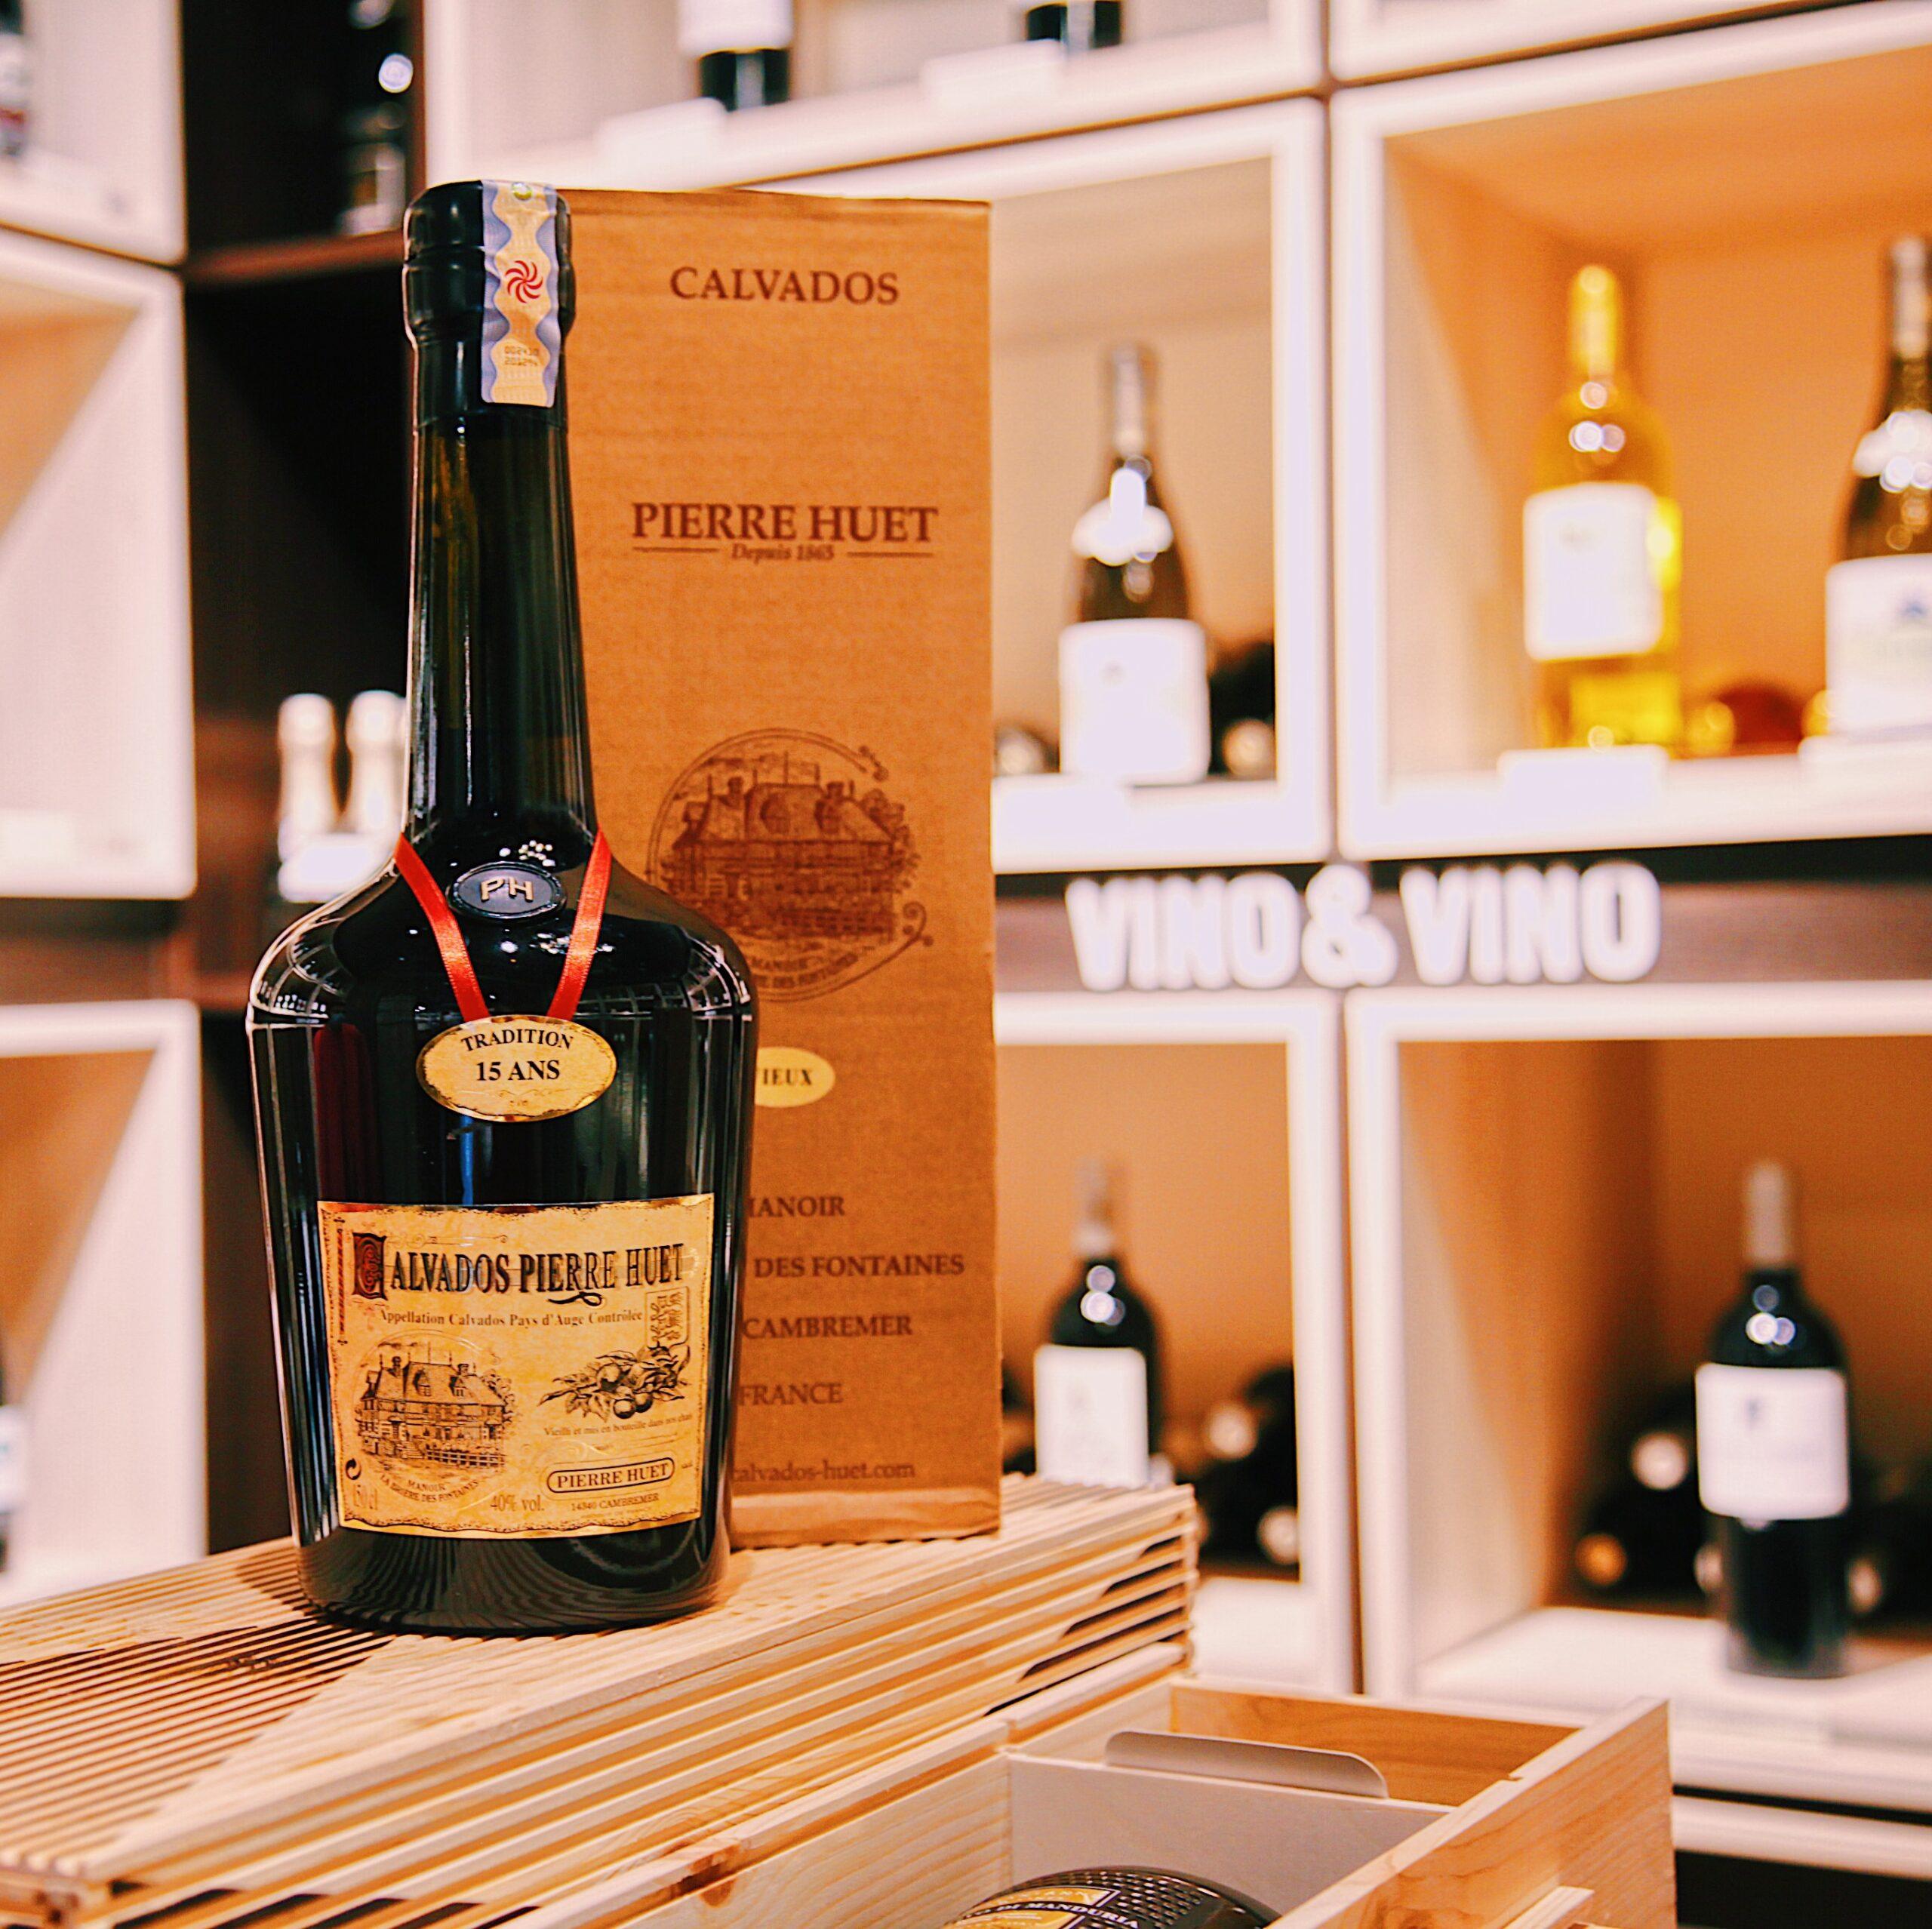 Calvados 15 Ans 1.500 L